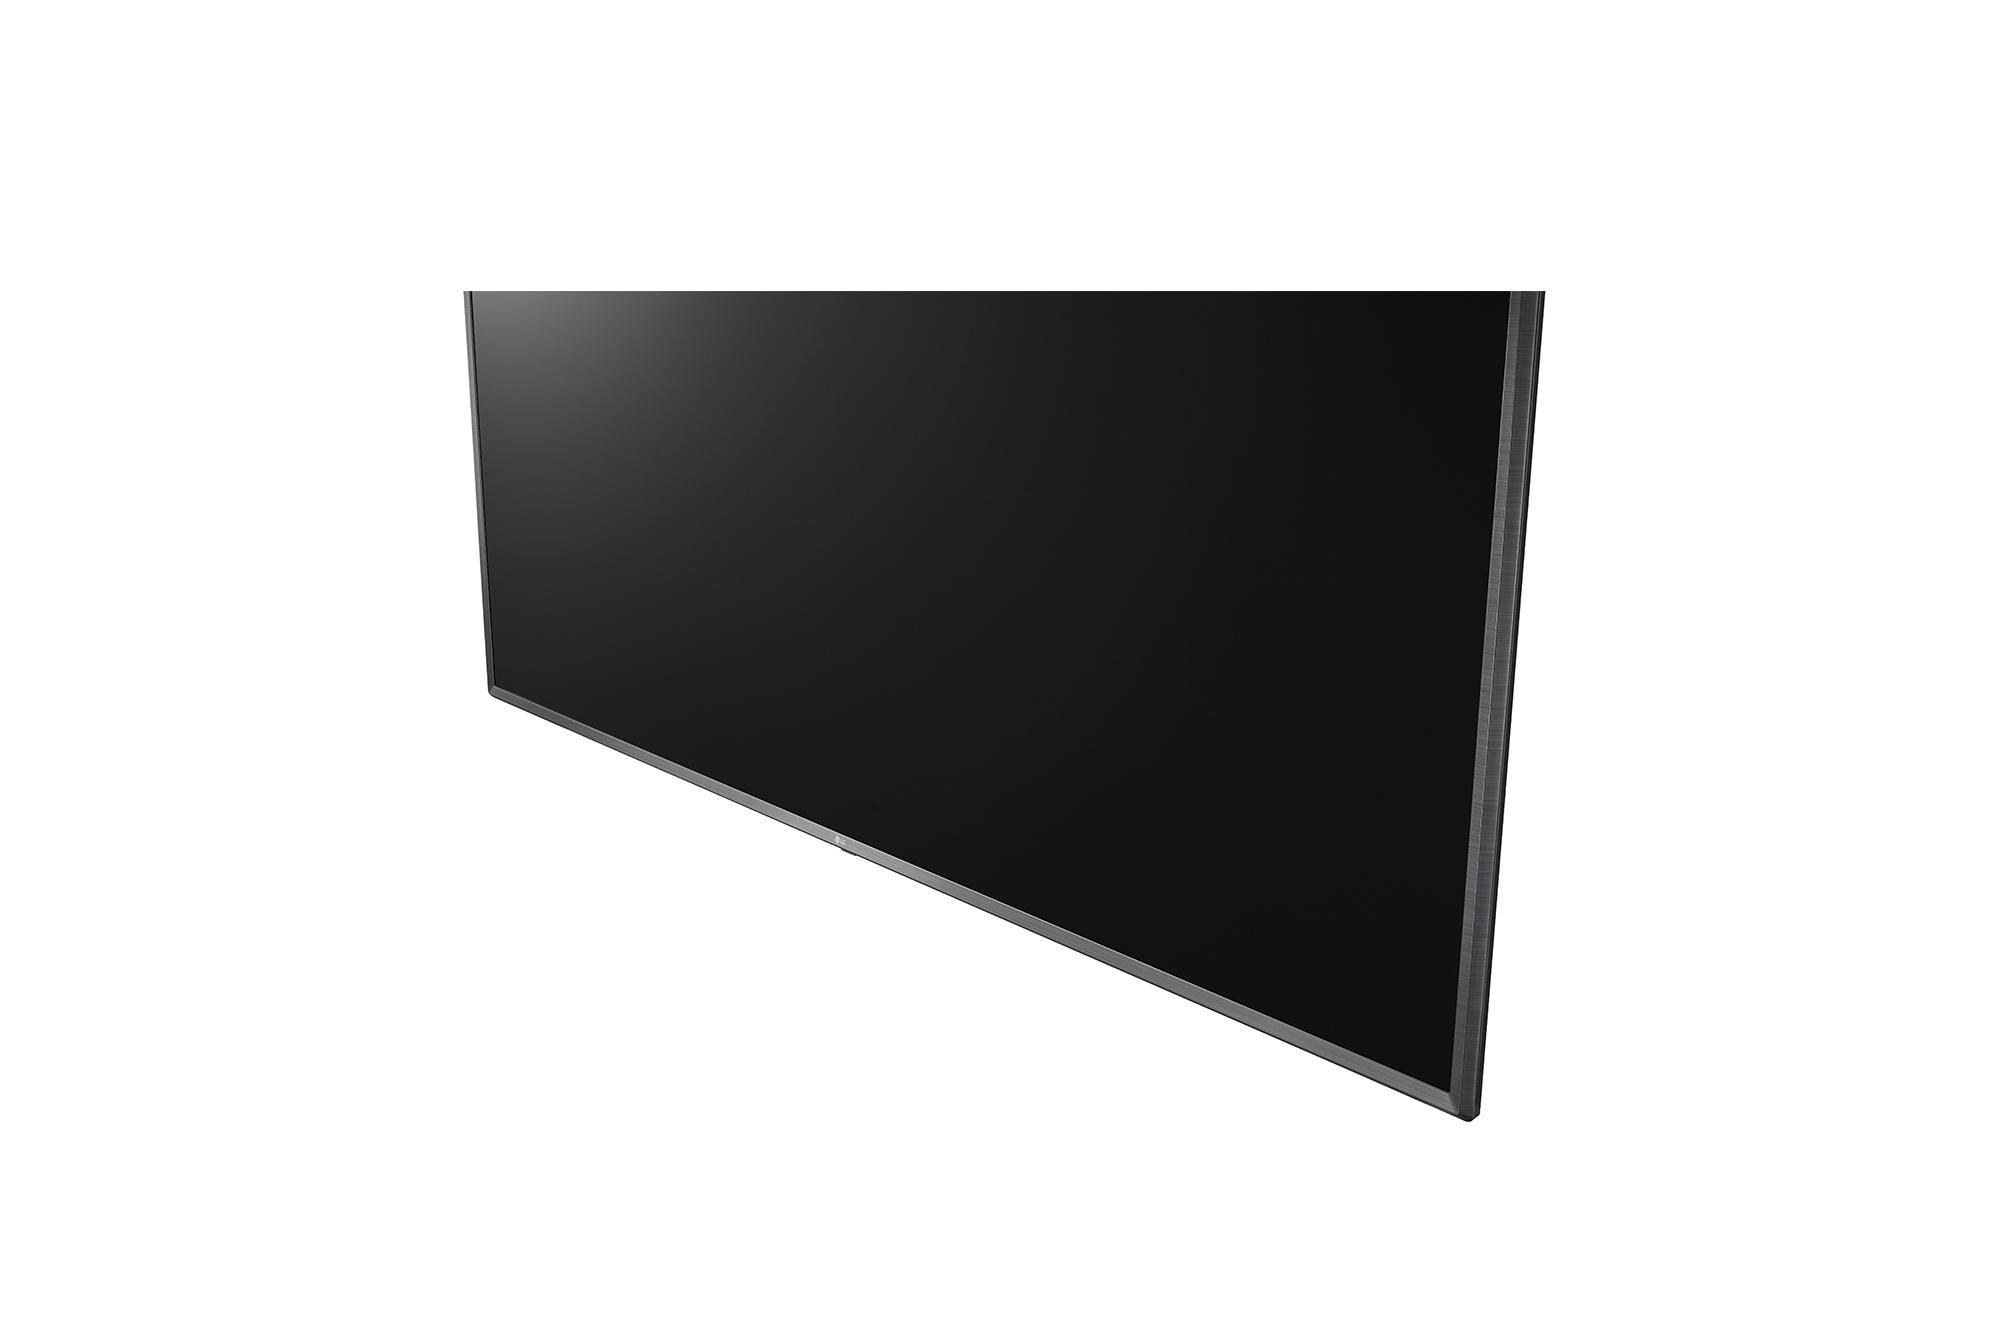 LG Standard Premium 86UL3G-B 8